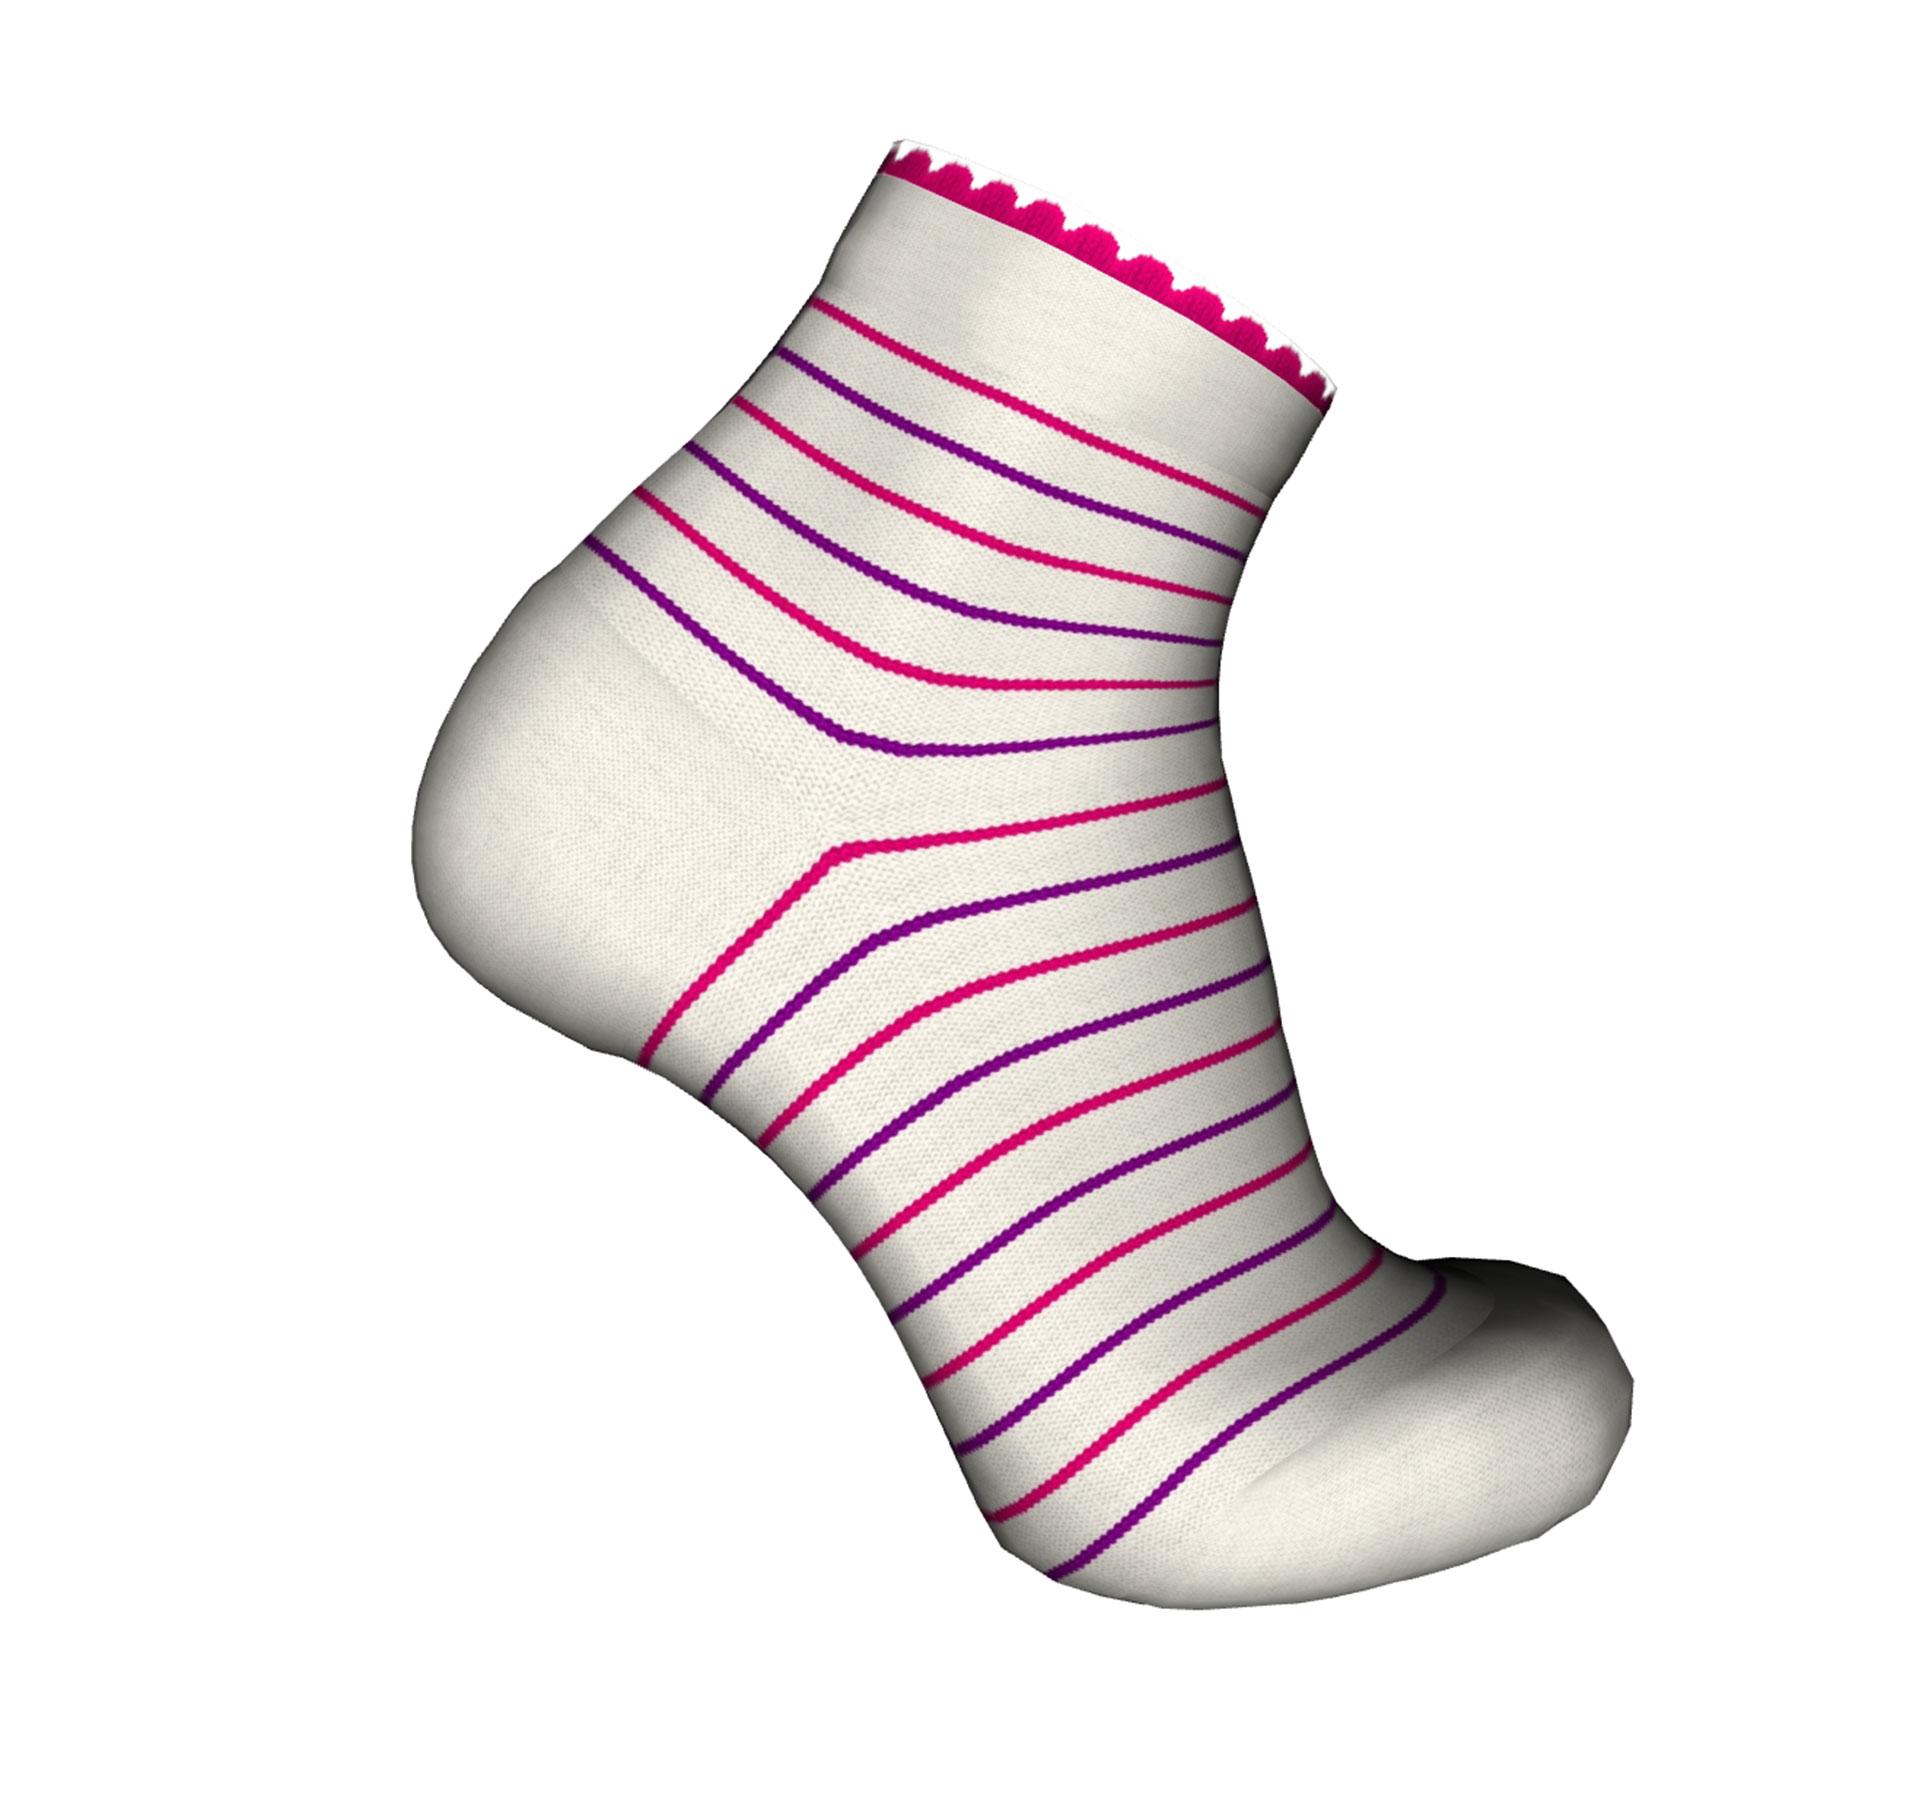 Produzione all 39 ingrosso calze da bambino calzificio beneduci - Calze per piscina ...